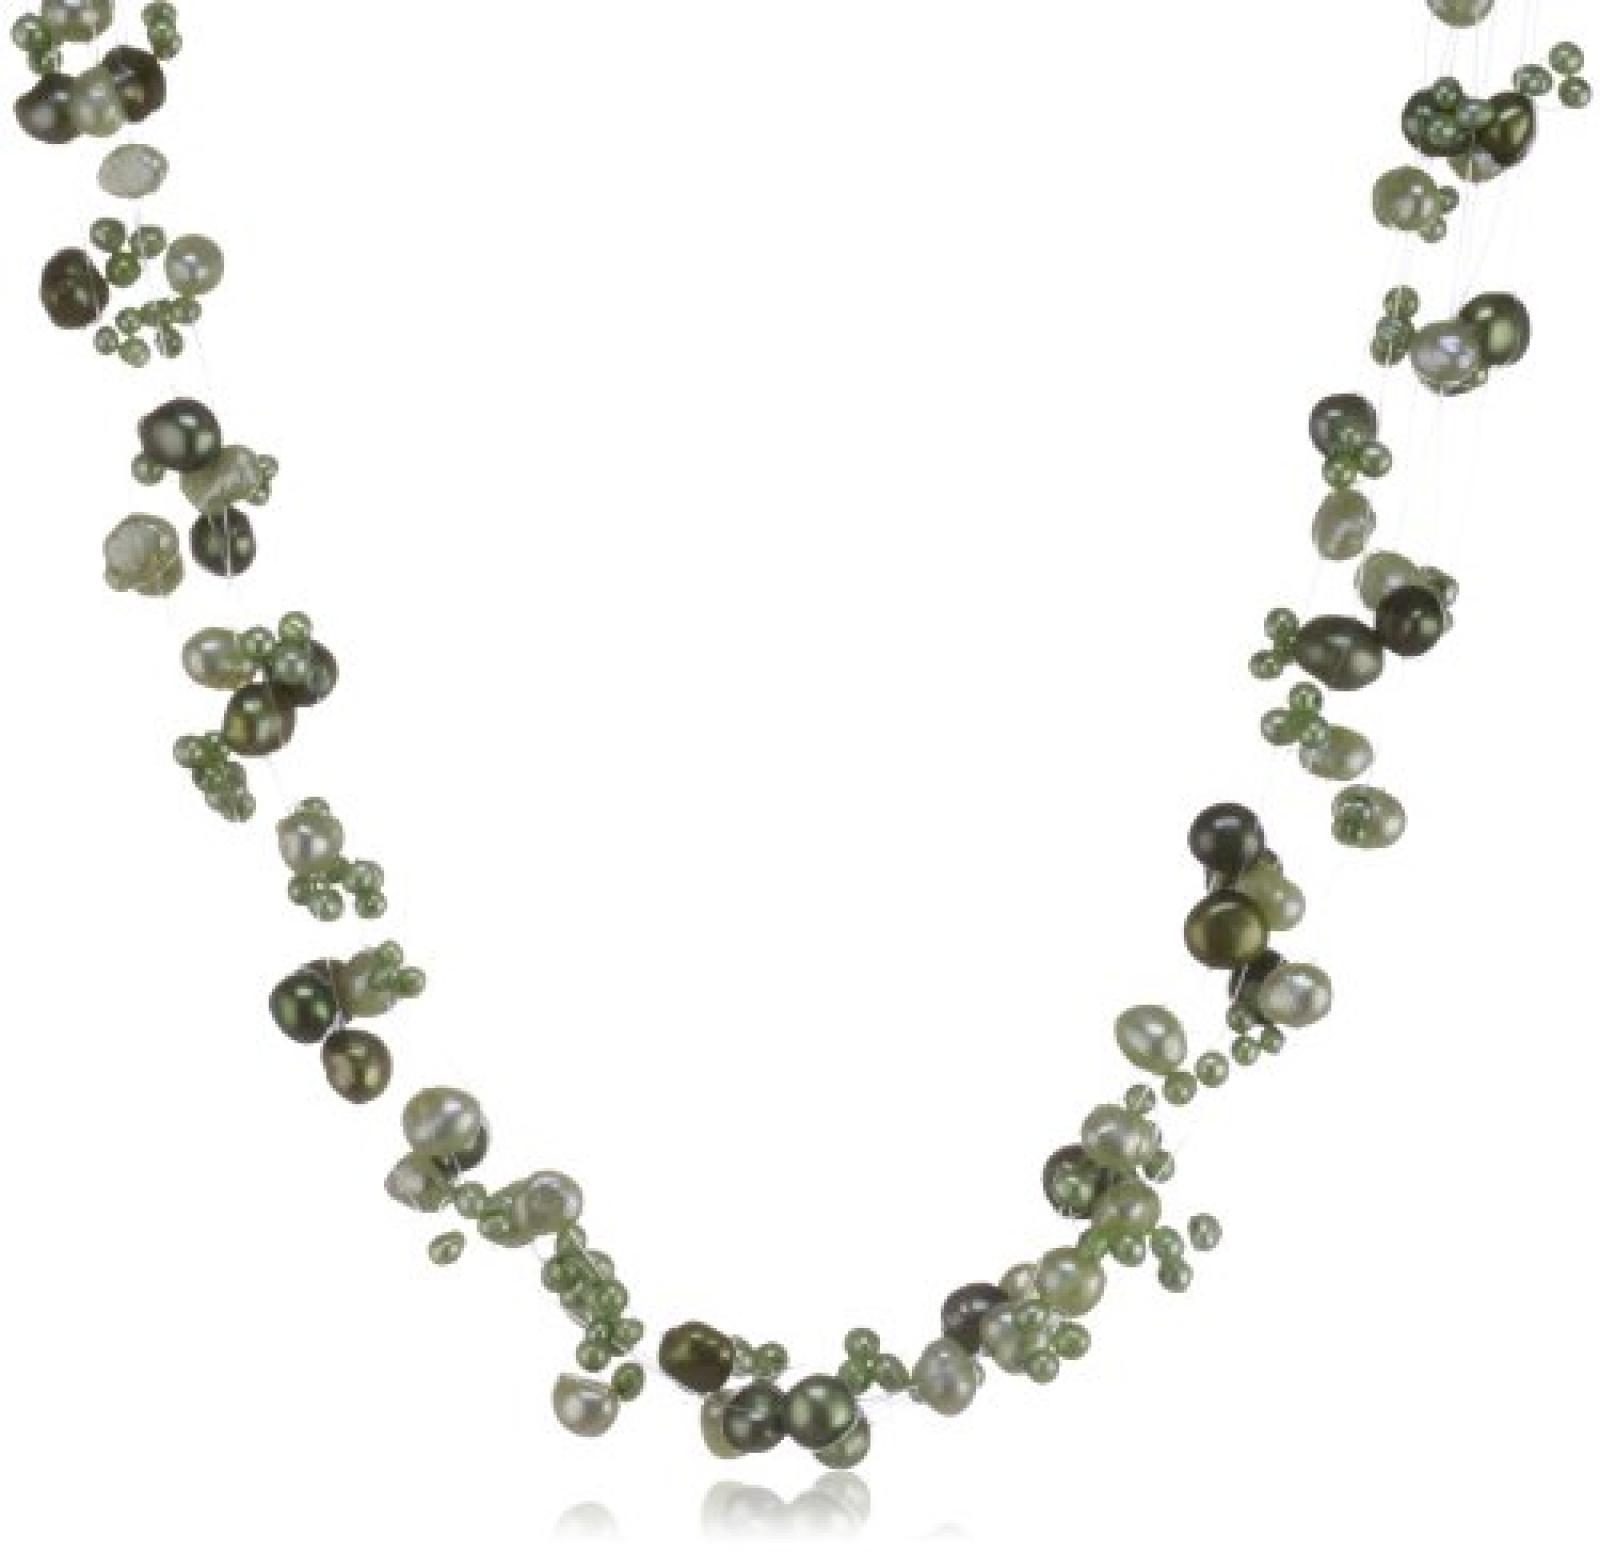 Valero Pearls Fashion Collection Damen-Kette Hochwertige Süßwasser-Zuchtperlen in ca.  4-6 mm Barock maigrün / jade / pastellgrün 925 Sterling Silber    43 cm + 5 cm Verlängerung   60200105